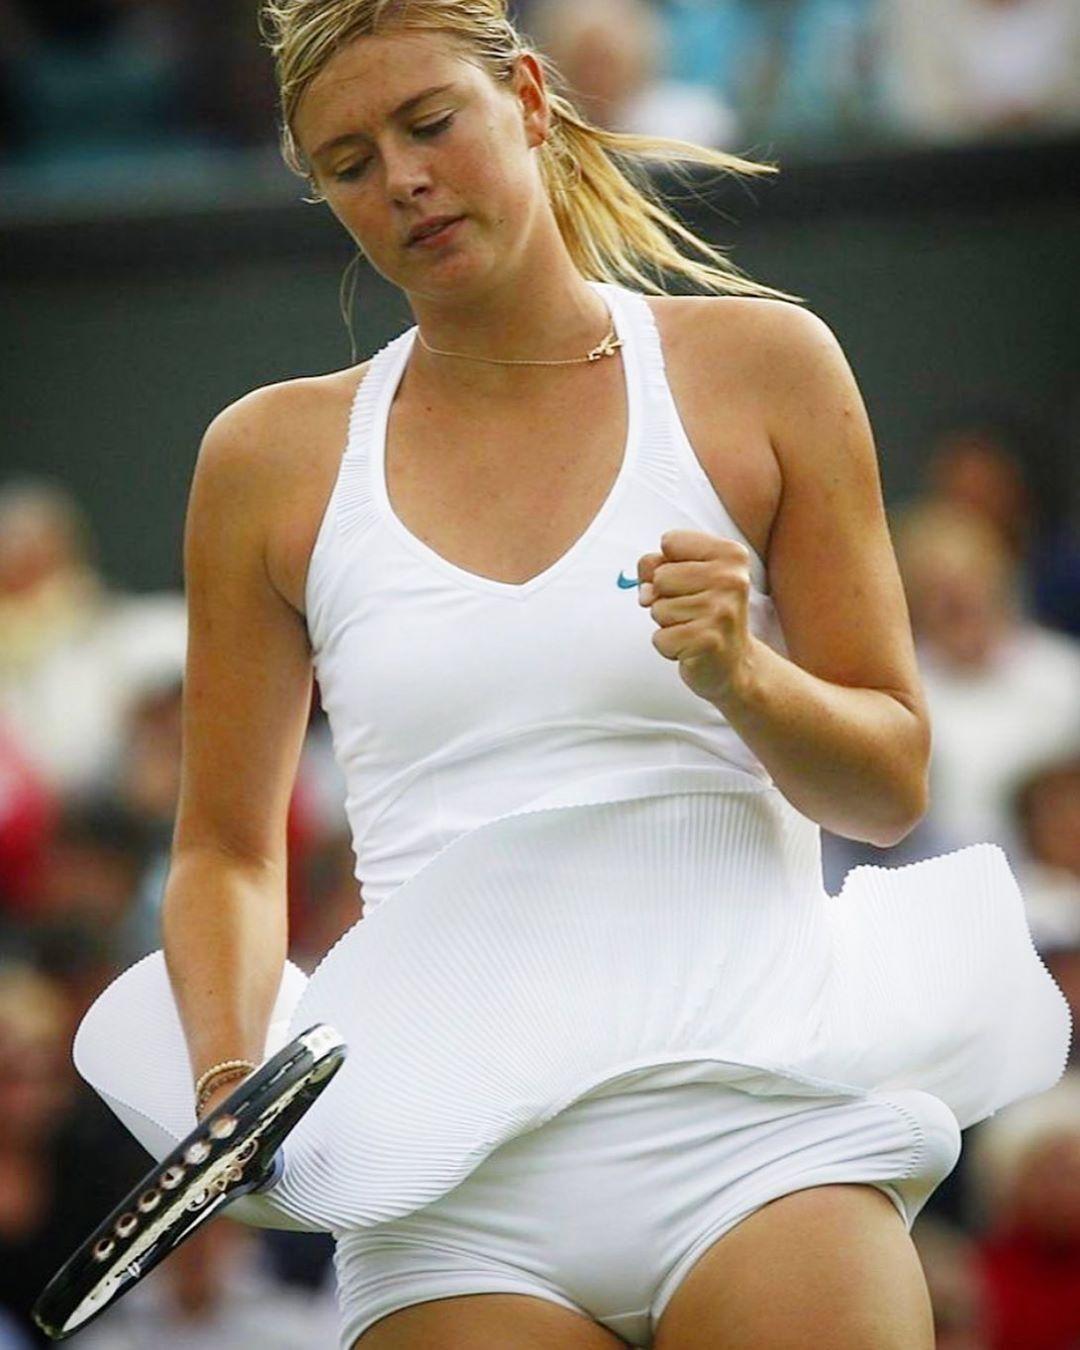 Pin by David Araya on Maria Sharapova 2 | Maria sharapova hot, Sharapova  tennis, Tennis players female